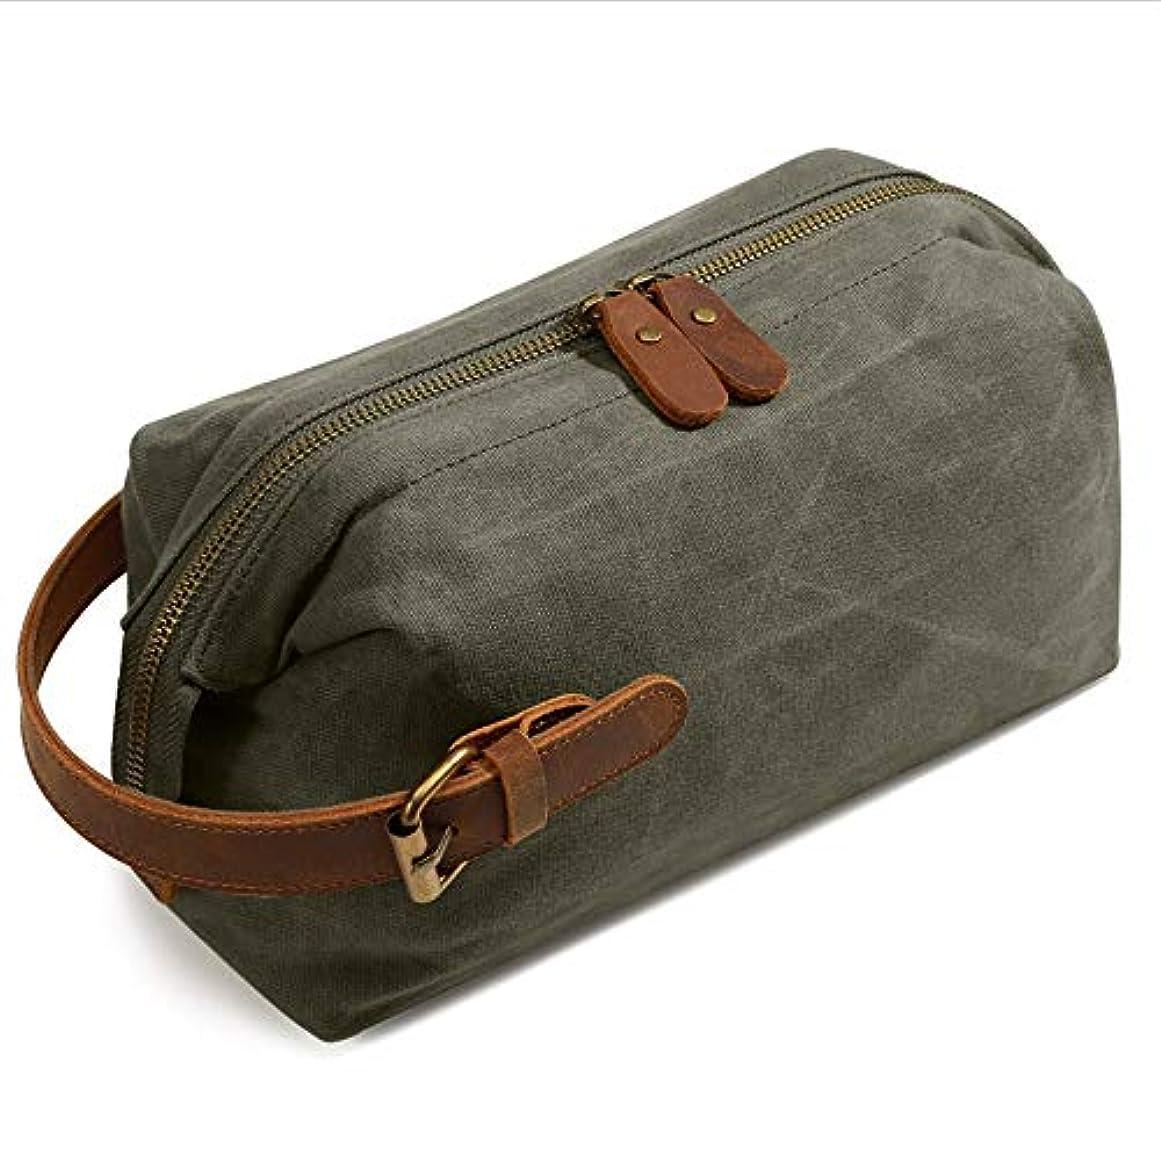 シマウマ良い式化粧オーガナイザーバッグ ポータブル防水化粧品袋トップジッパーメークアップケーストラベルグリーン 化粧品ケース (色 : 緑)